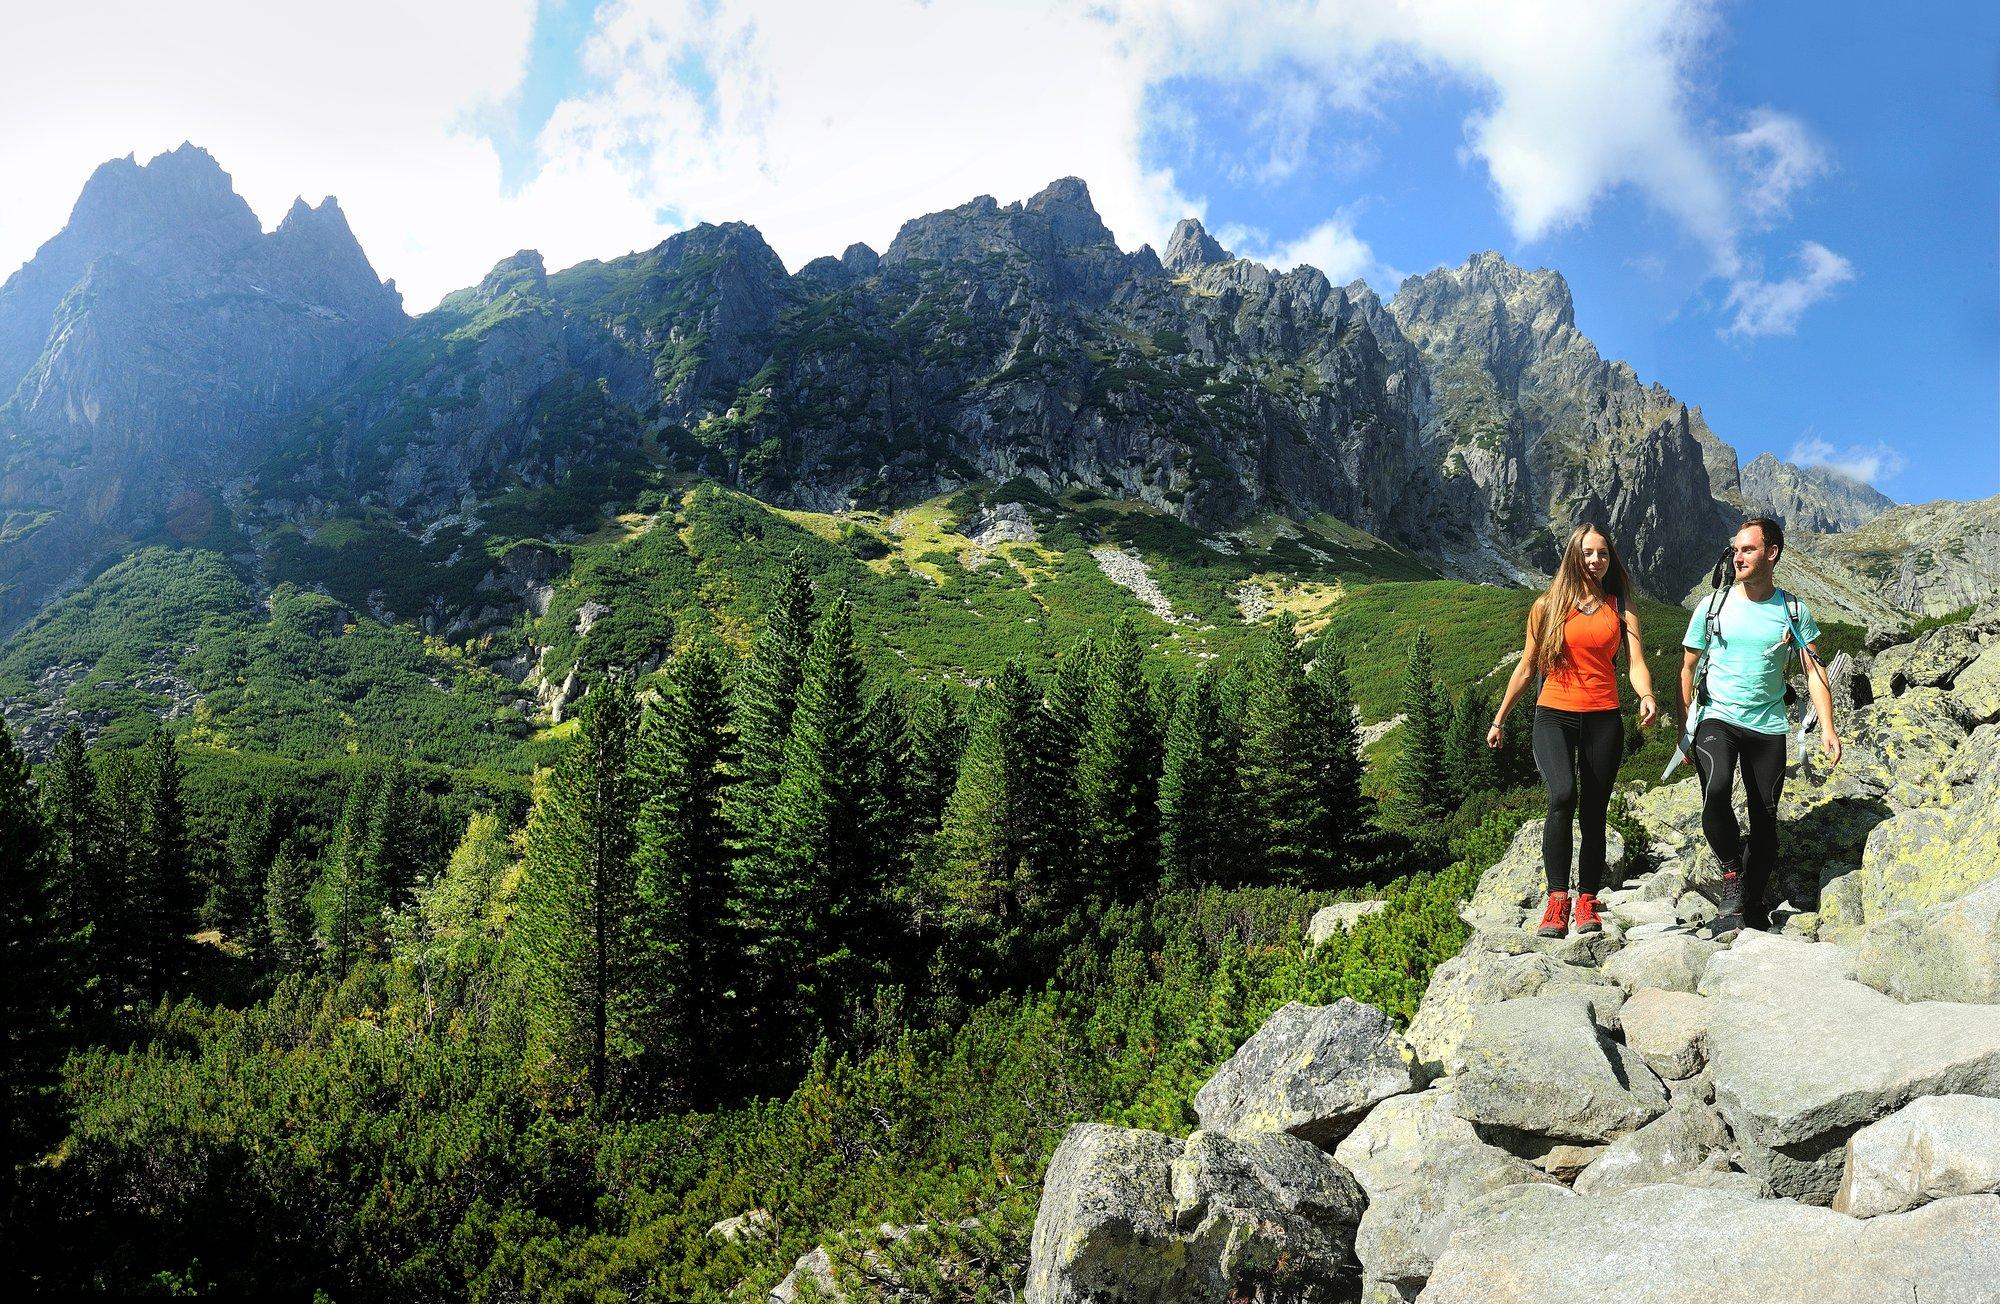 Bergwoche in der Hohen Tatra